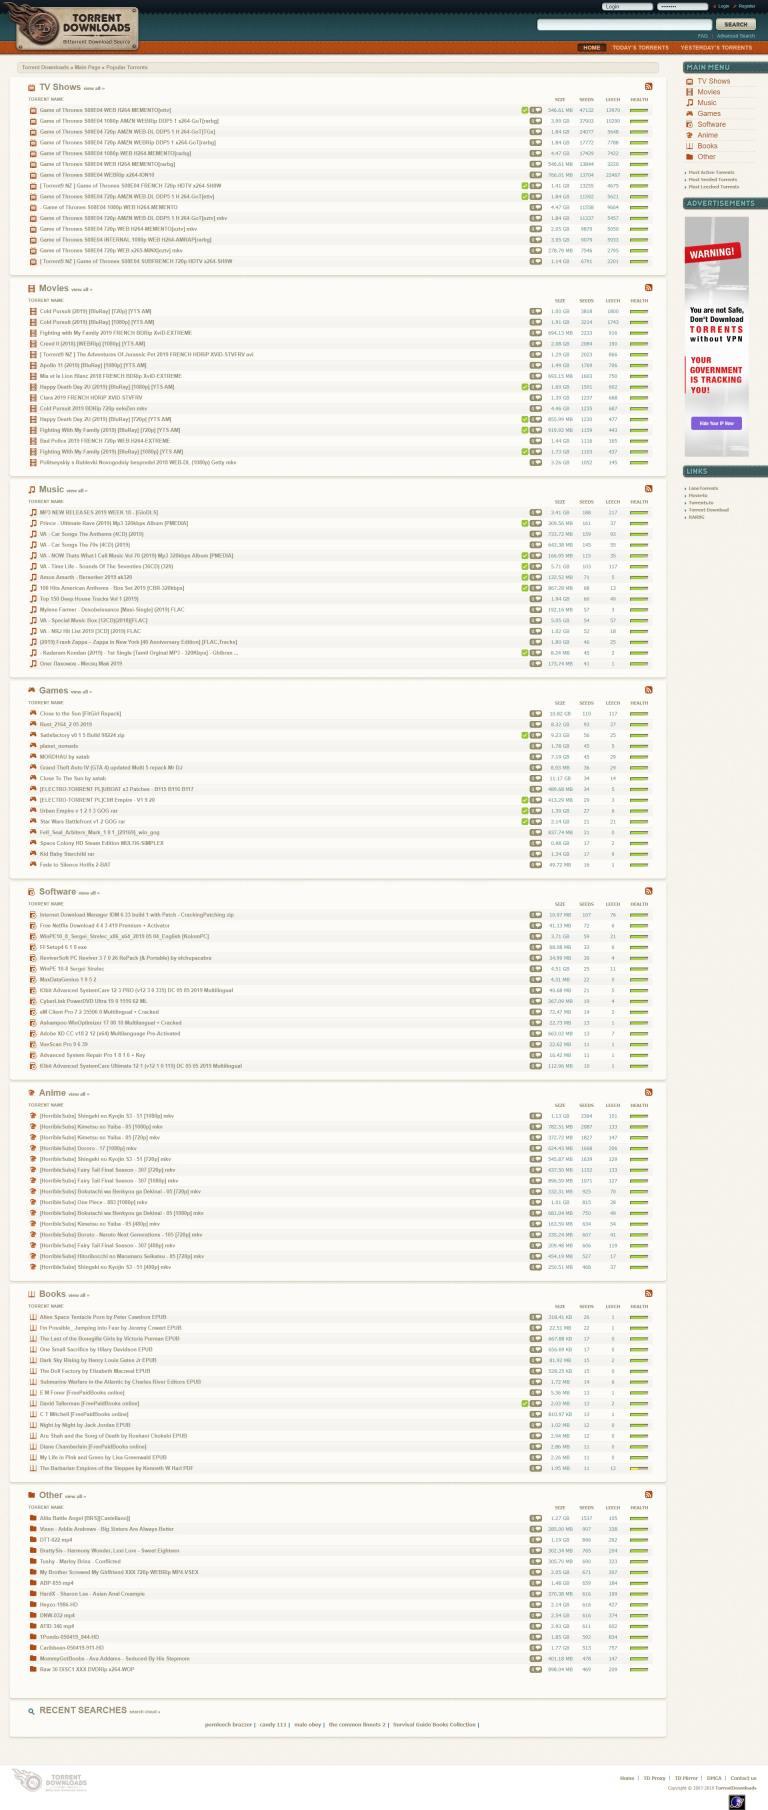 种子磁力下载站-torrentdownloads插图1